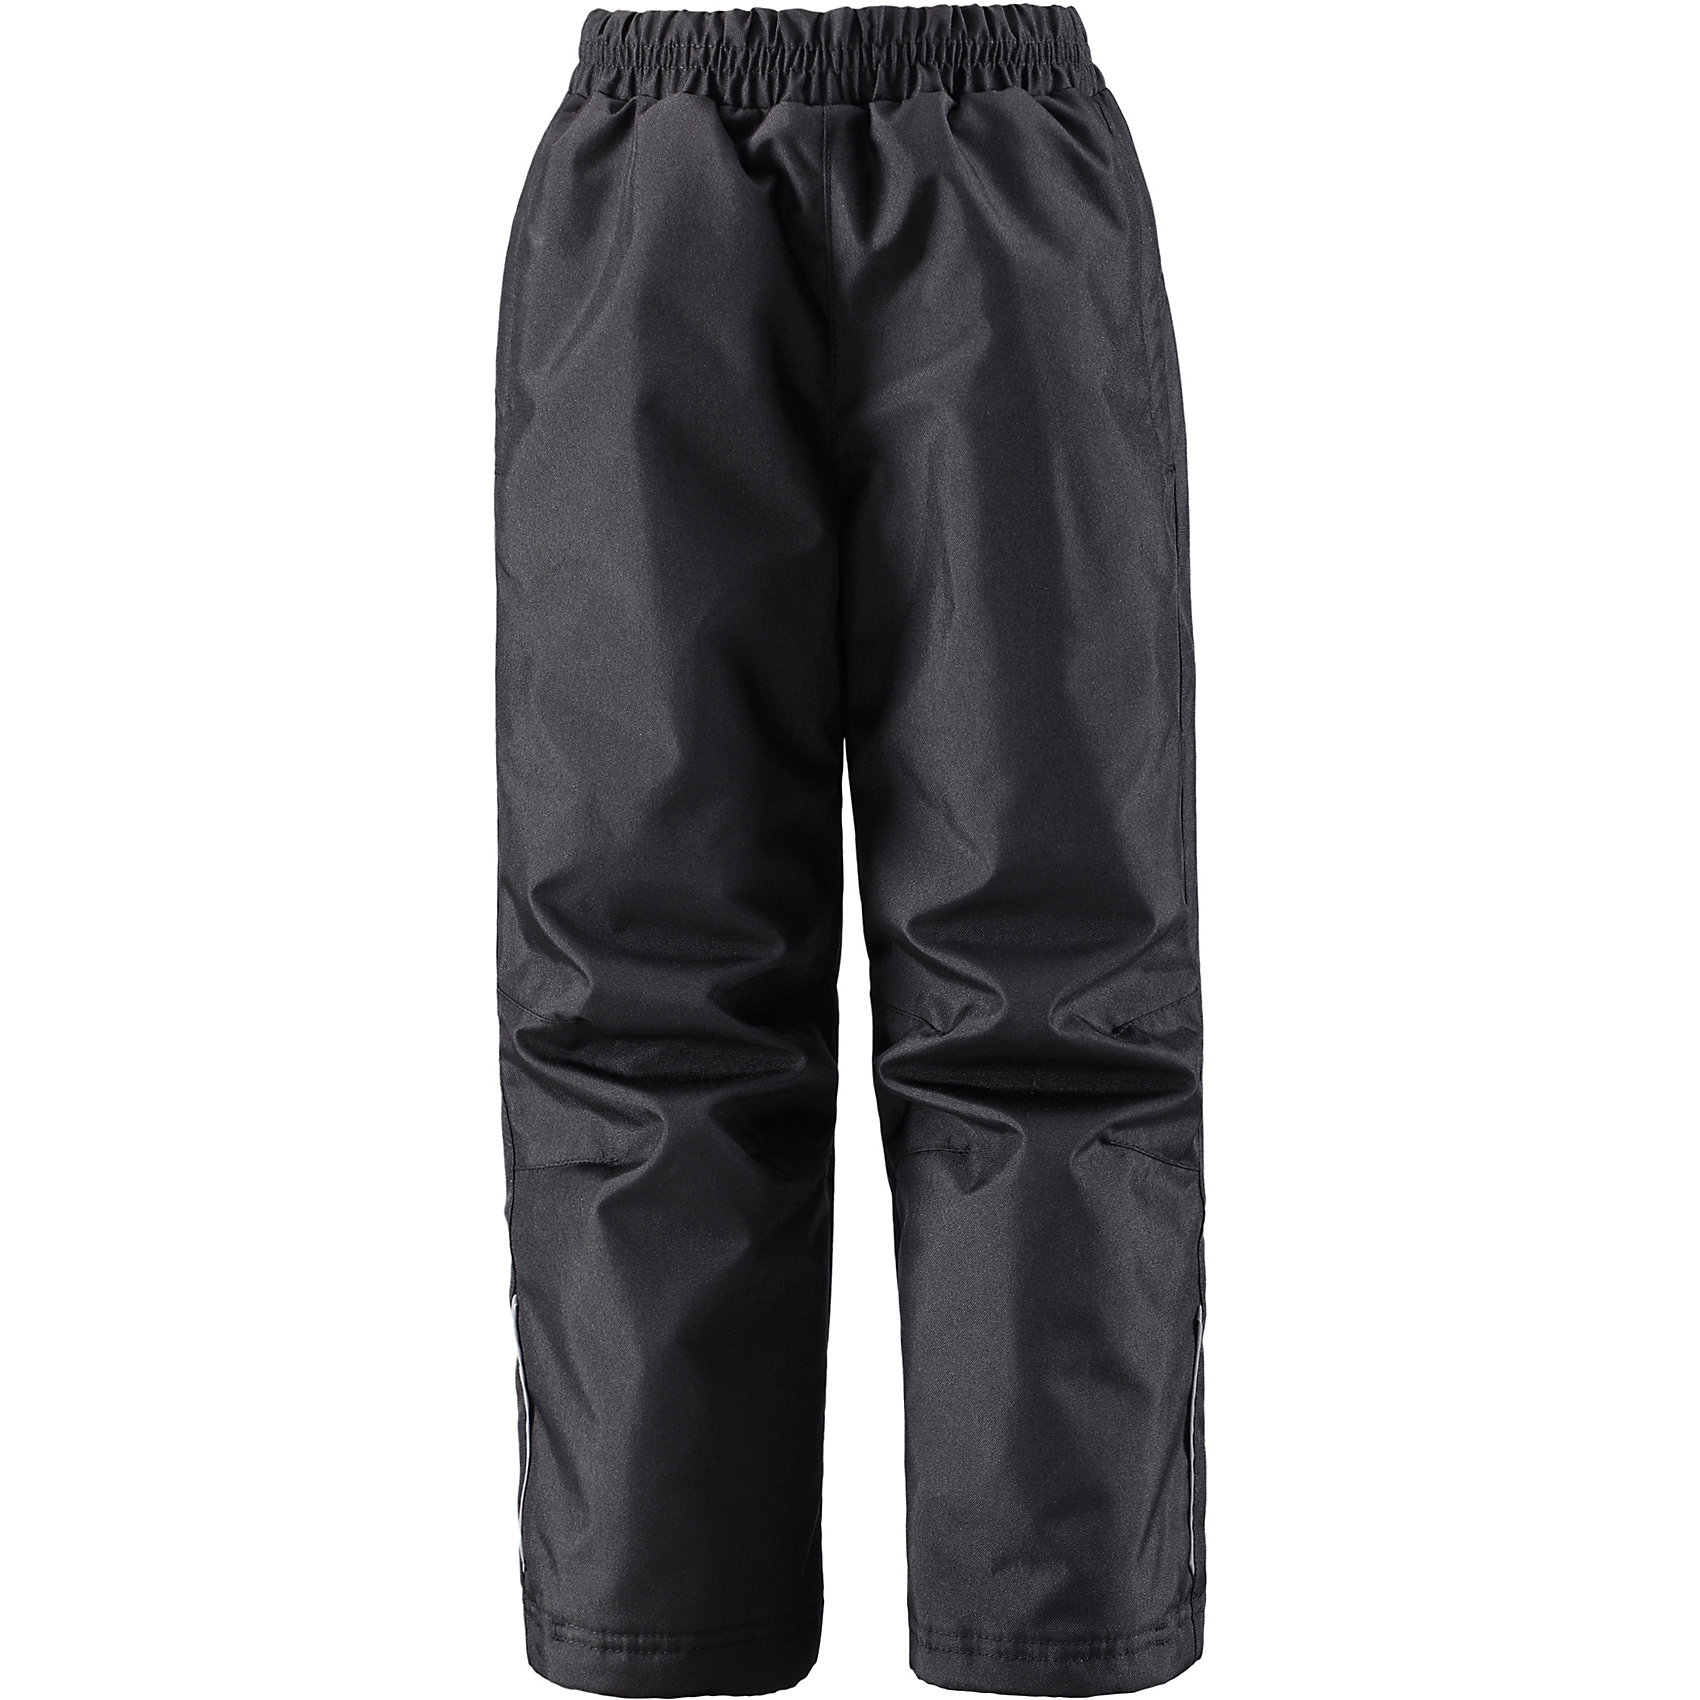 Брюки для мальчика LASSIE by ReimaЗимние брюки для детей известной финской марки. <br><br>- Прочный материал. <br>- Водоотталкивающий, ветронепроницаемый, «дышащий» и грязеотталкивающий материал.<br>-  Задний серединный шов проклеен. свободный крой.<br>- Гладкая подкладка из полиэстра. <br>- Легкая степень утепления. <br>- Эластичный регулируемый обхват талии. <br>- Регулируемые брючины. Карманы в боковых швах.  <br><br>Рекомендации по уходу: Стирать по отдельности, вывернув наизнанку. Застегнуть молнии и липучки. Соблюдать температуру в соответствии с руководством по уходу. Стирать моющим средством, не содержащим отбеливающие вещества. Полоскать без специального средства. Сушение в сушильном шкафу разрешено при  низкой температуре.<br><br>Состав: 100% Полиамид, полиуретановое покрытие.  Утеплитель «Lassie wadding» 80гр.<br><br>Ширина мм: 215<br>Глубина мм: 88<br>Высота мм: 191<br>Вес г: 336<br>Цвет: черный<br>Возраст от месяцев: 60<br>Возраст до месяцев: 72<br>Пол: Мужской<br>Возраст: Детский<br>Размер: 116,92,140,134,128,122,110,104,98<br>SKU: 4781866